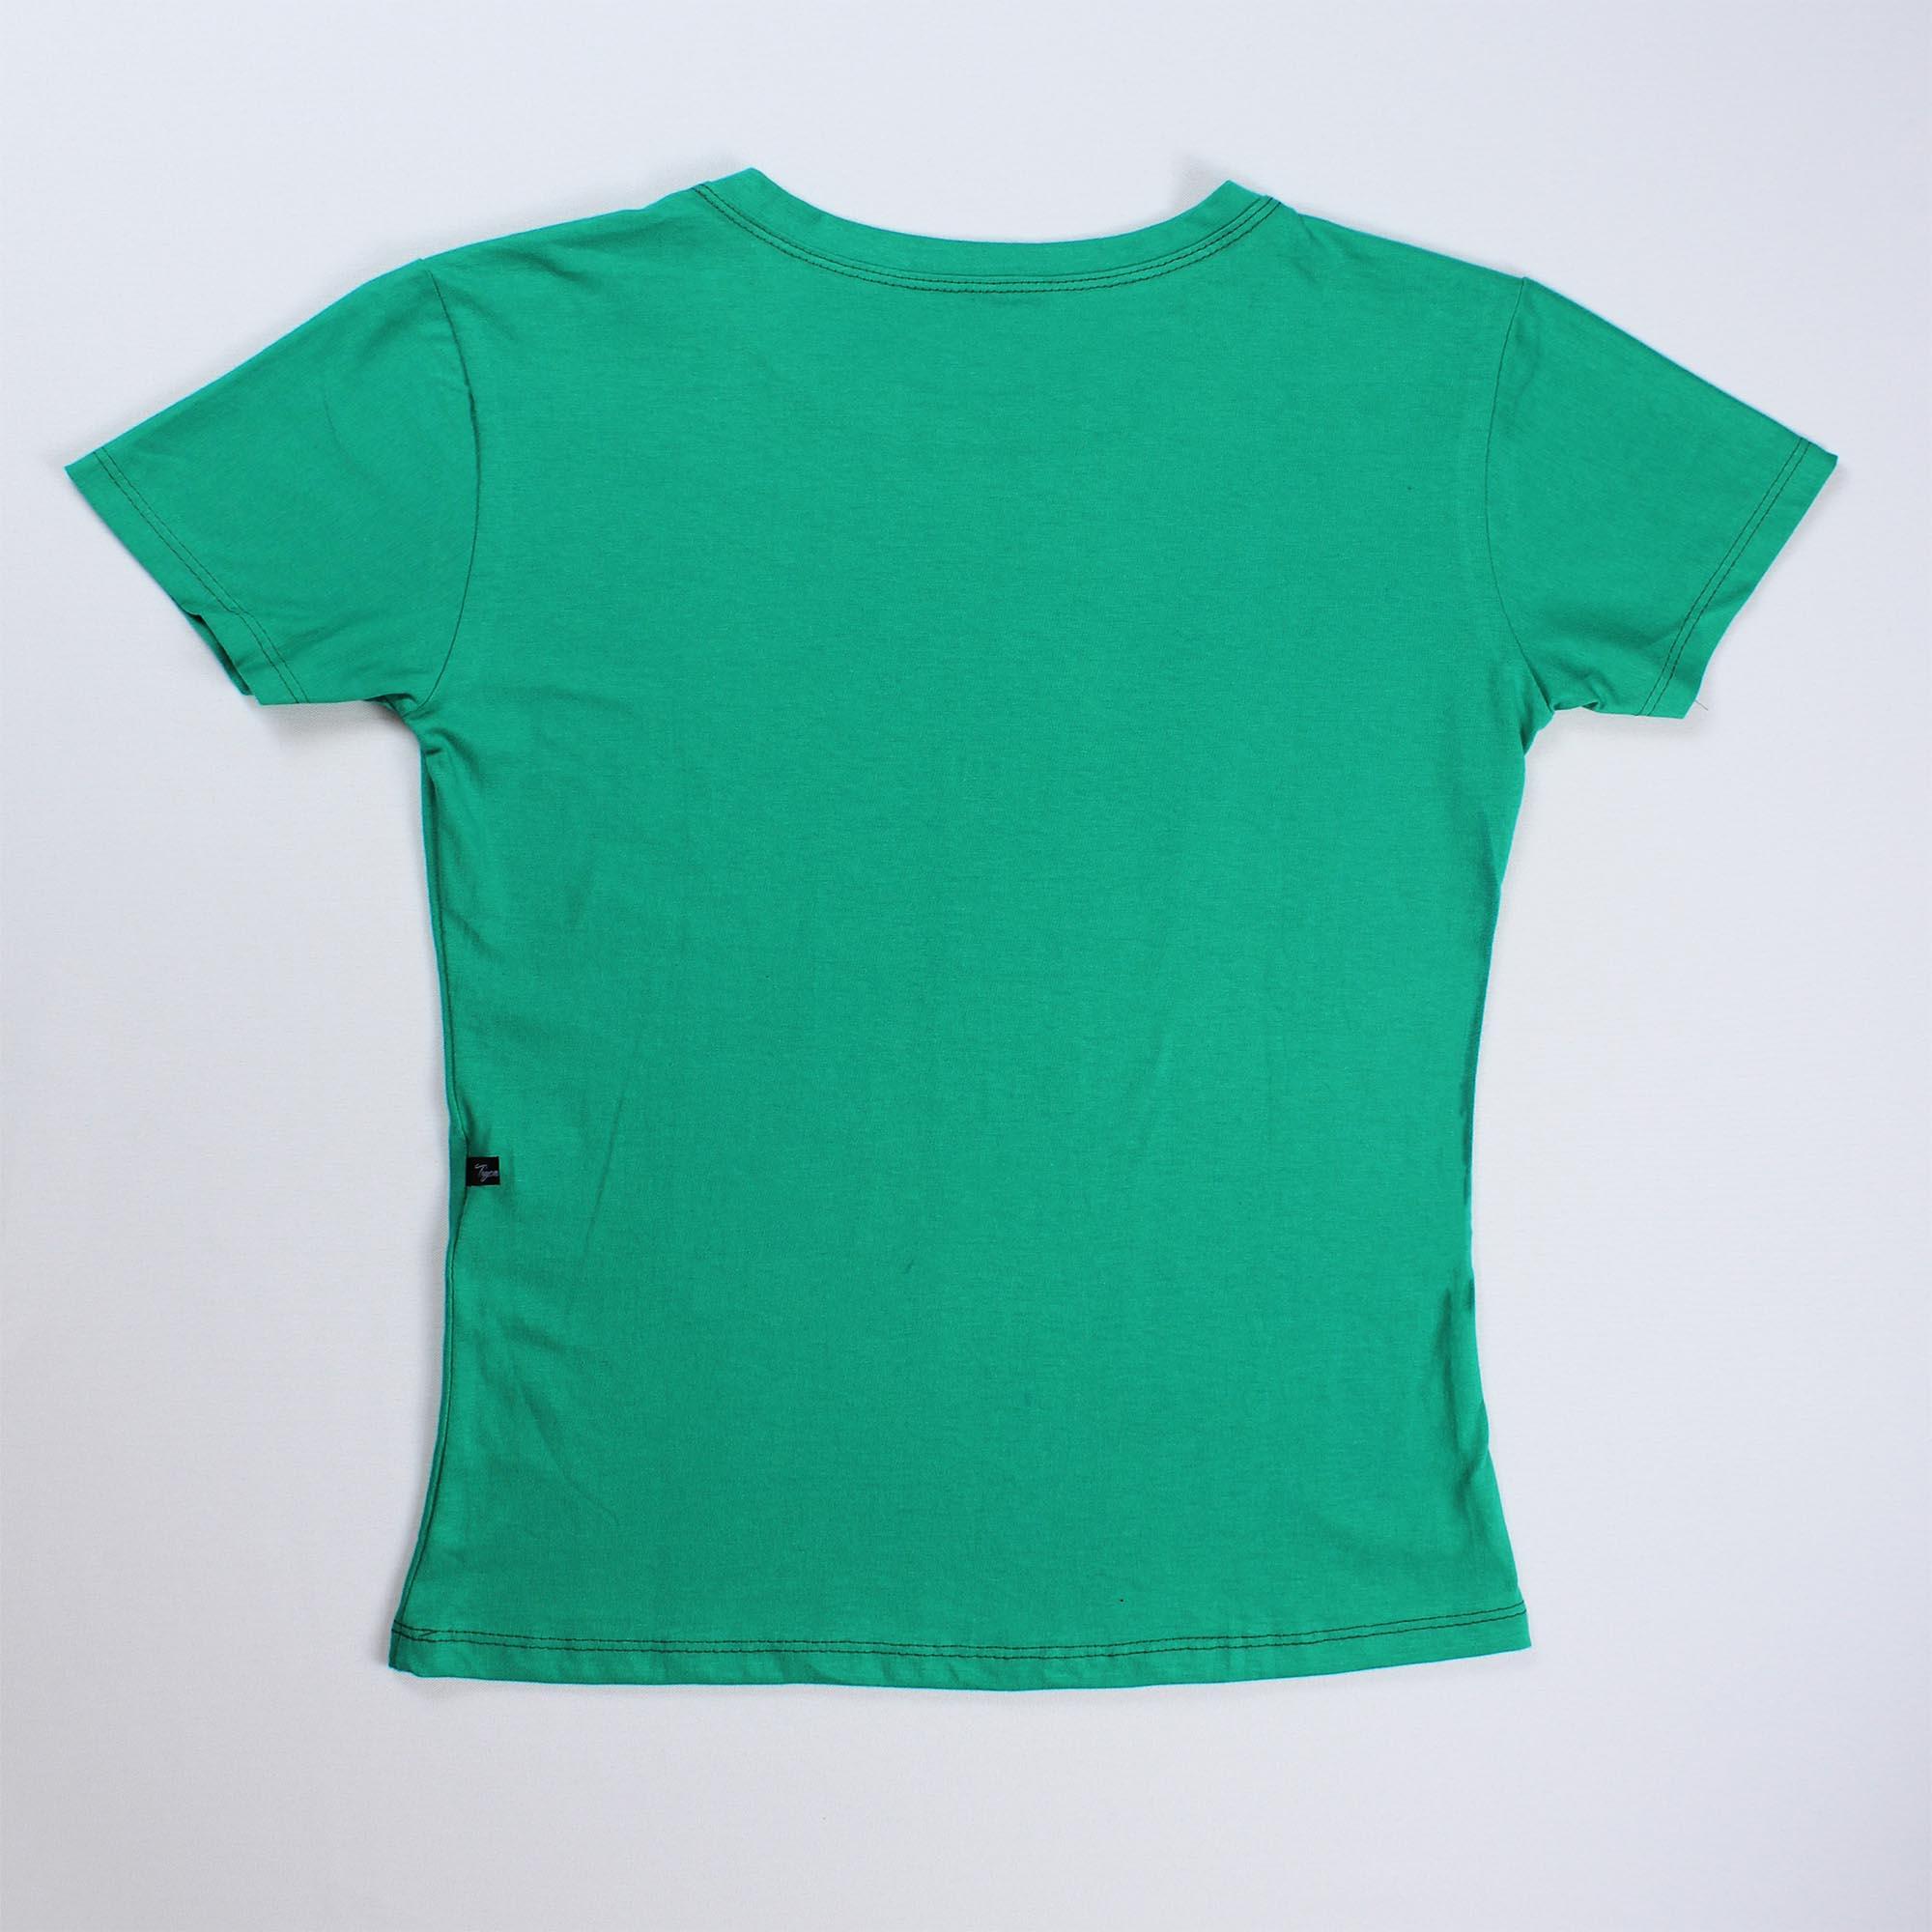 T-Shirt Free Hugs Feminina - Verde